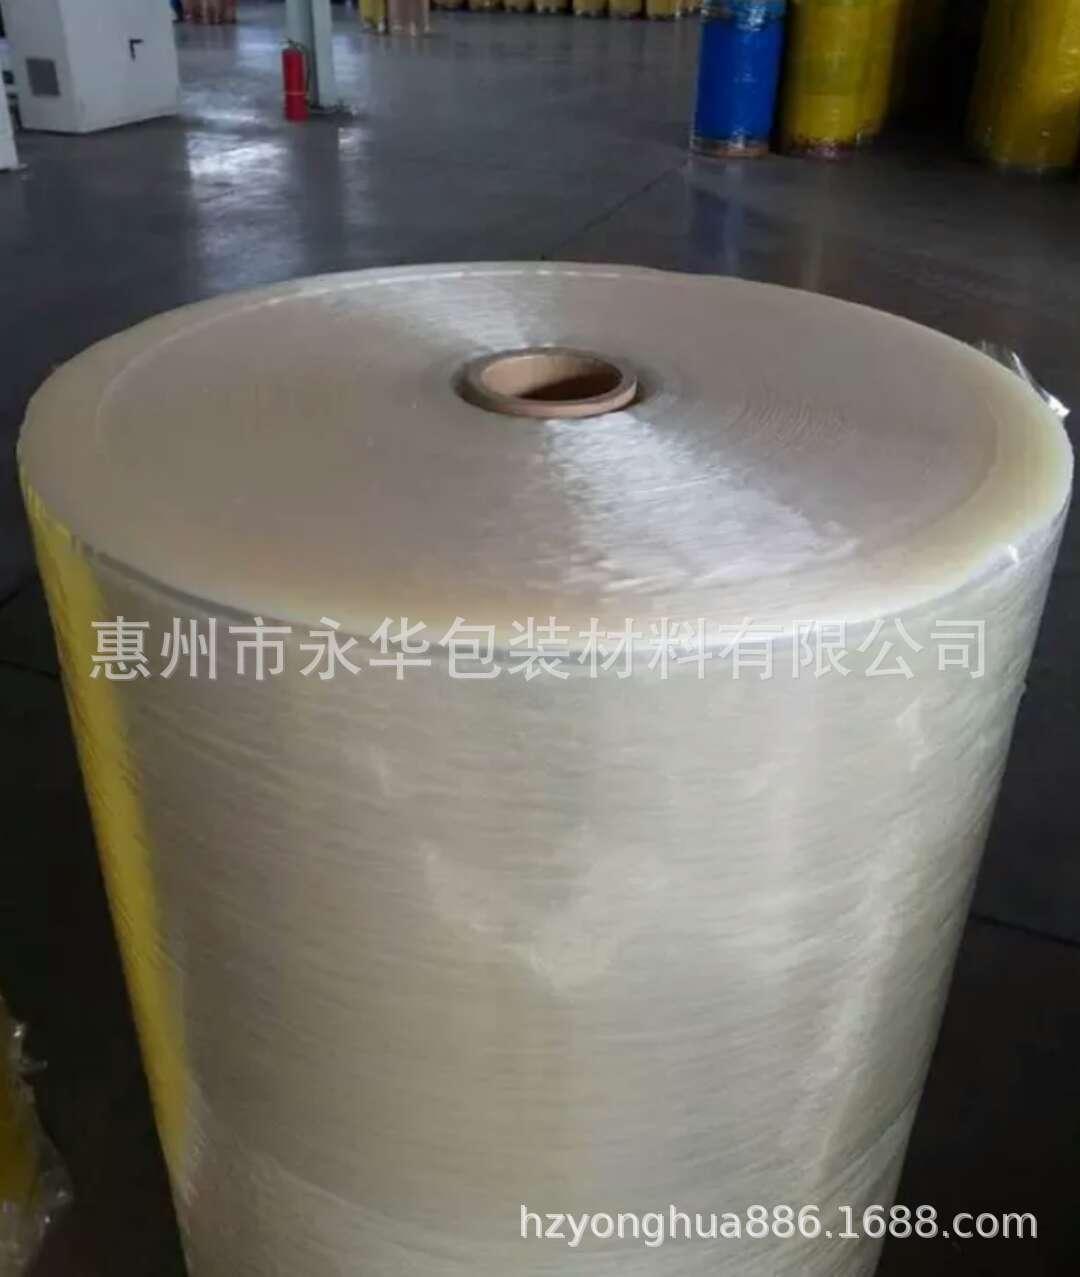 惠州厂家直销封箱胶带母卷透明胶带OPP半成品